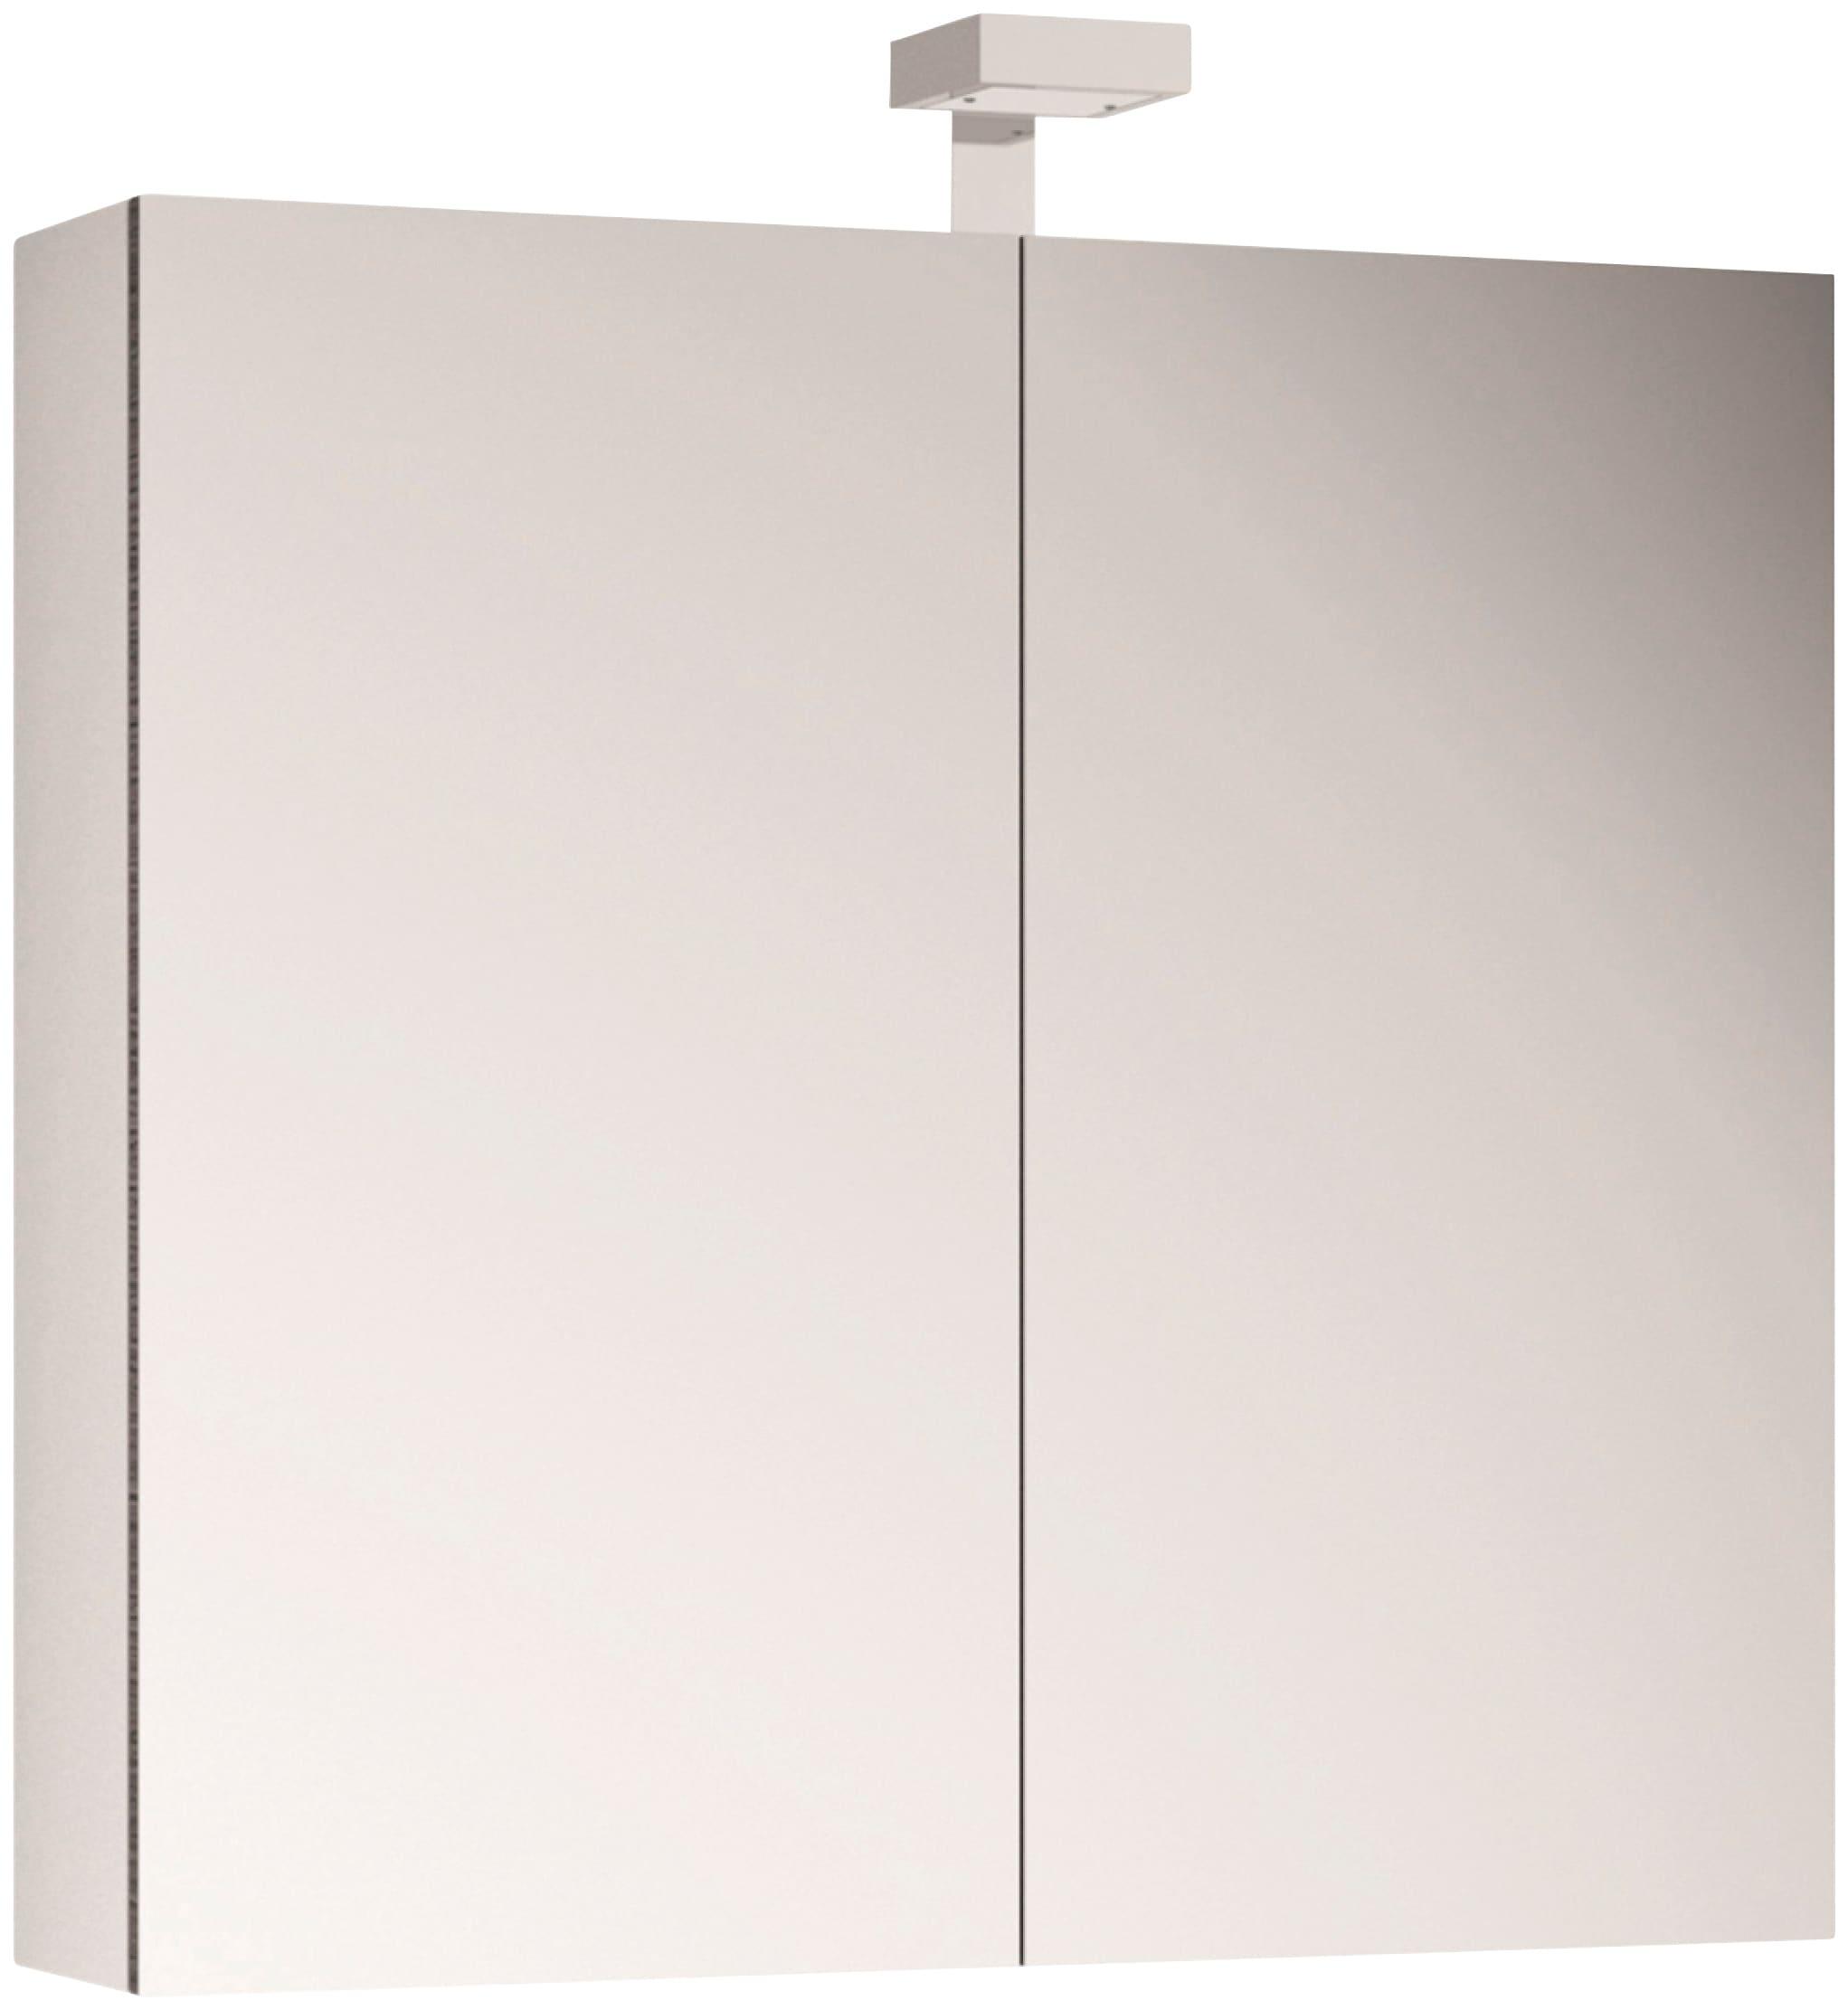 Allibert Spiegelschrank, LED-Beleuchtung weiß Bad-Spiegelschränke Badschränke Schränke Spiegelschrank